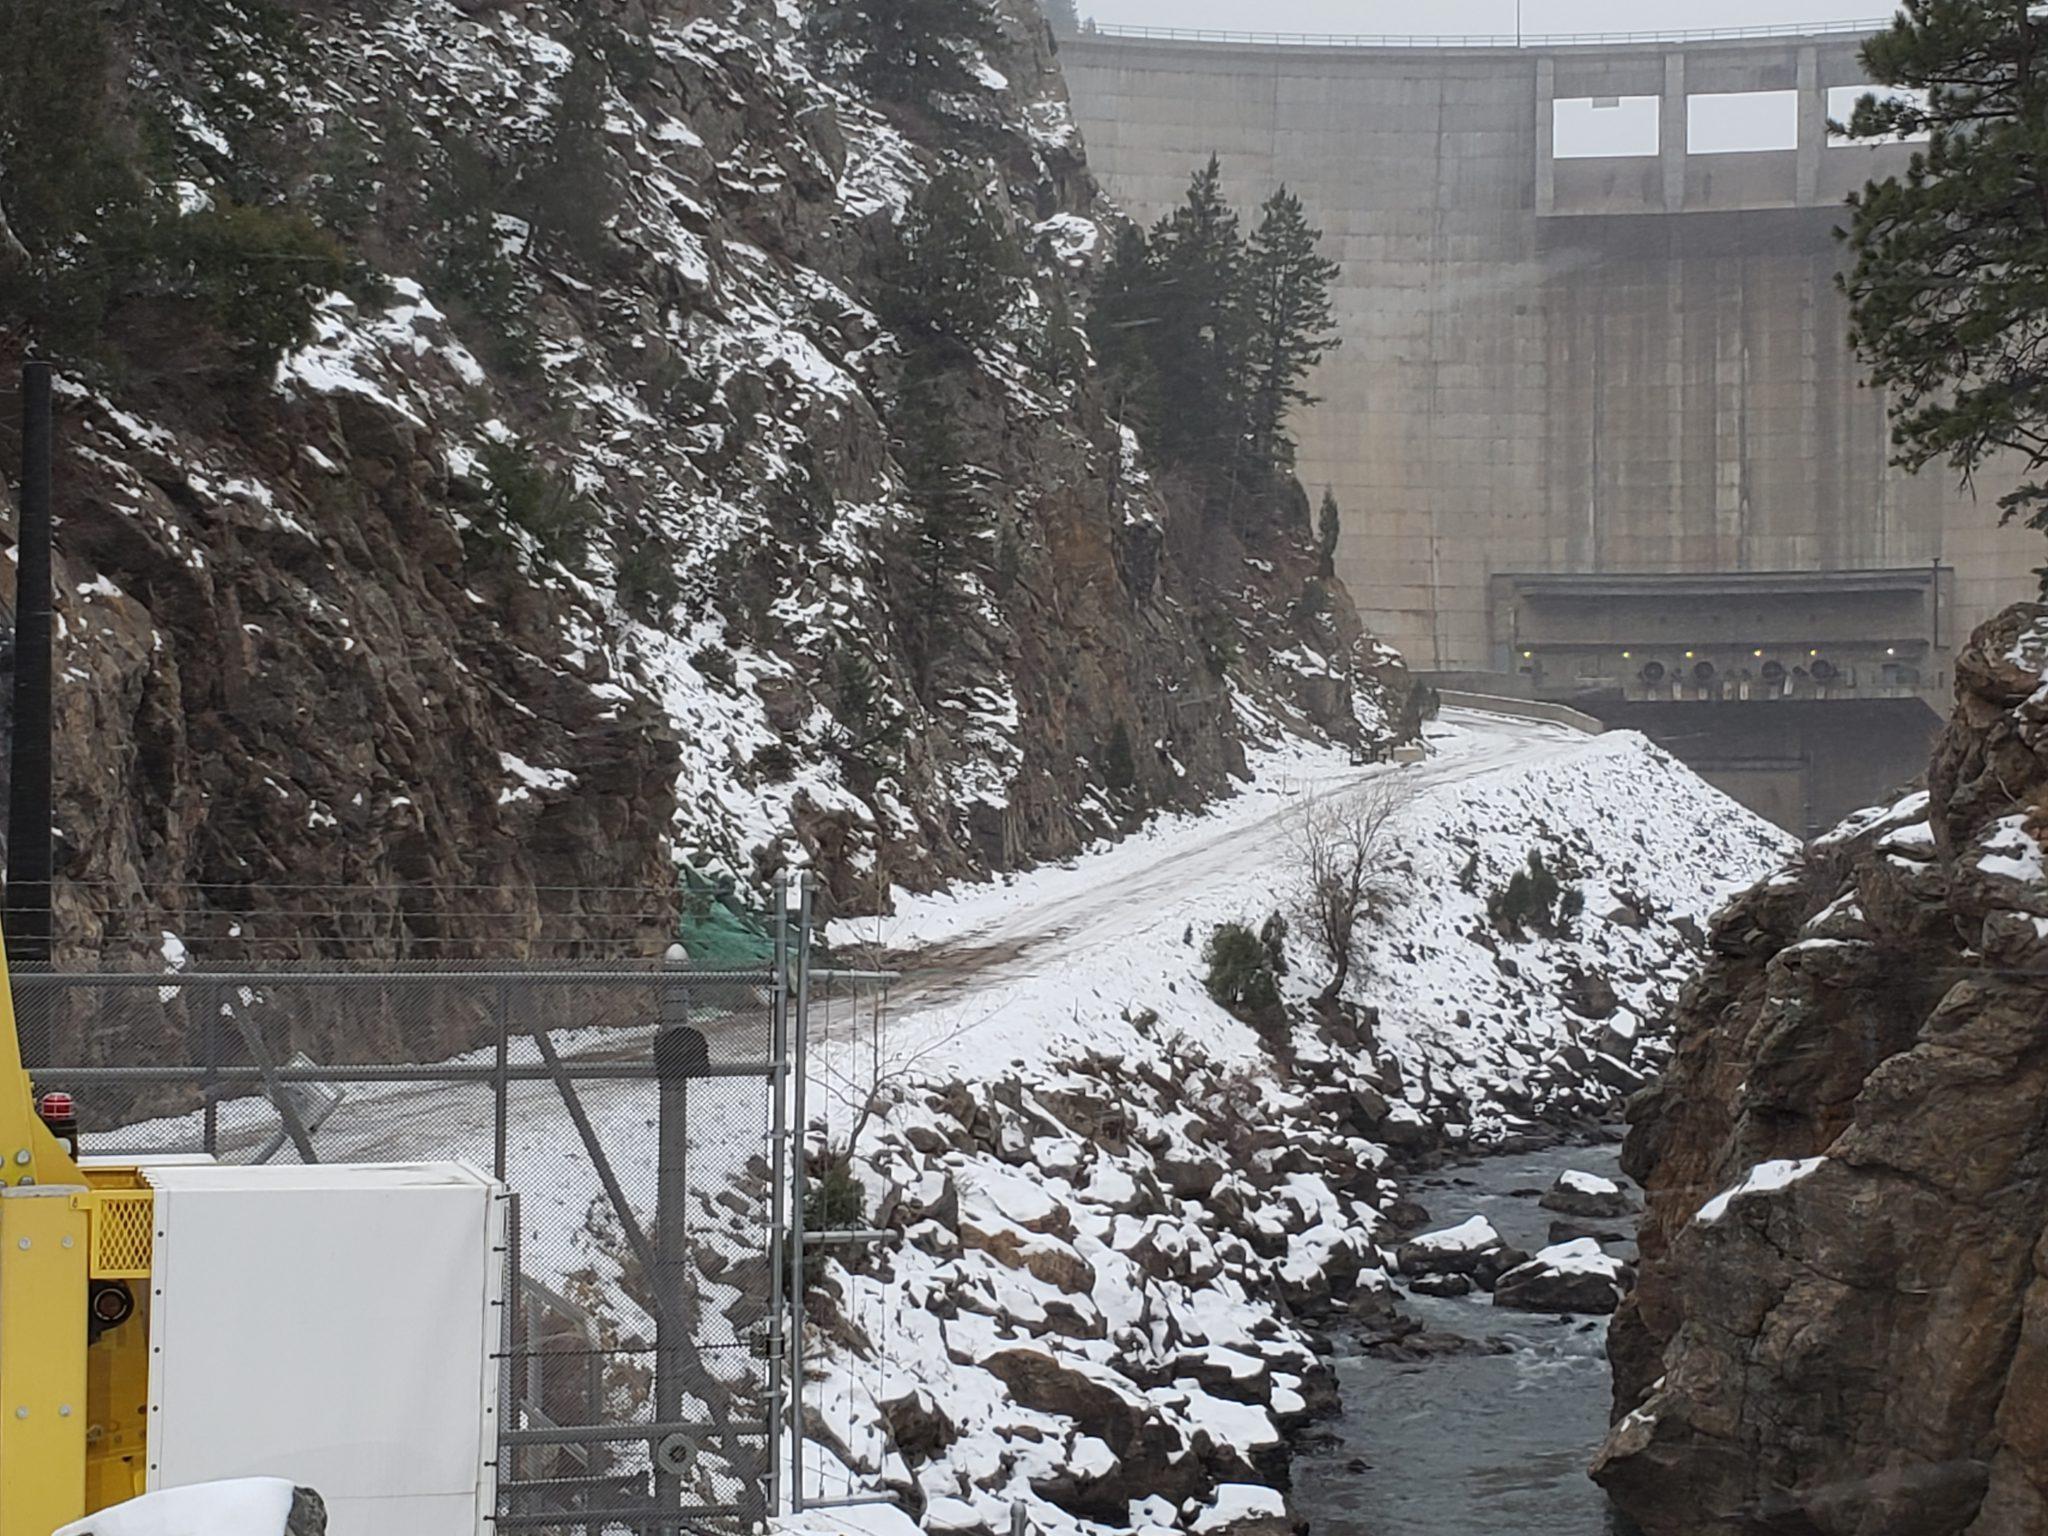 Waterton Canyon Dam Denver Water